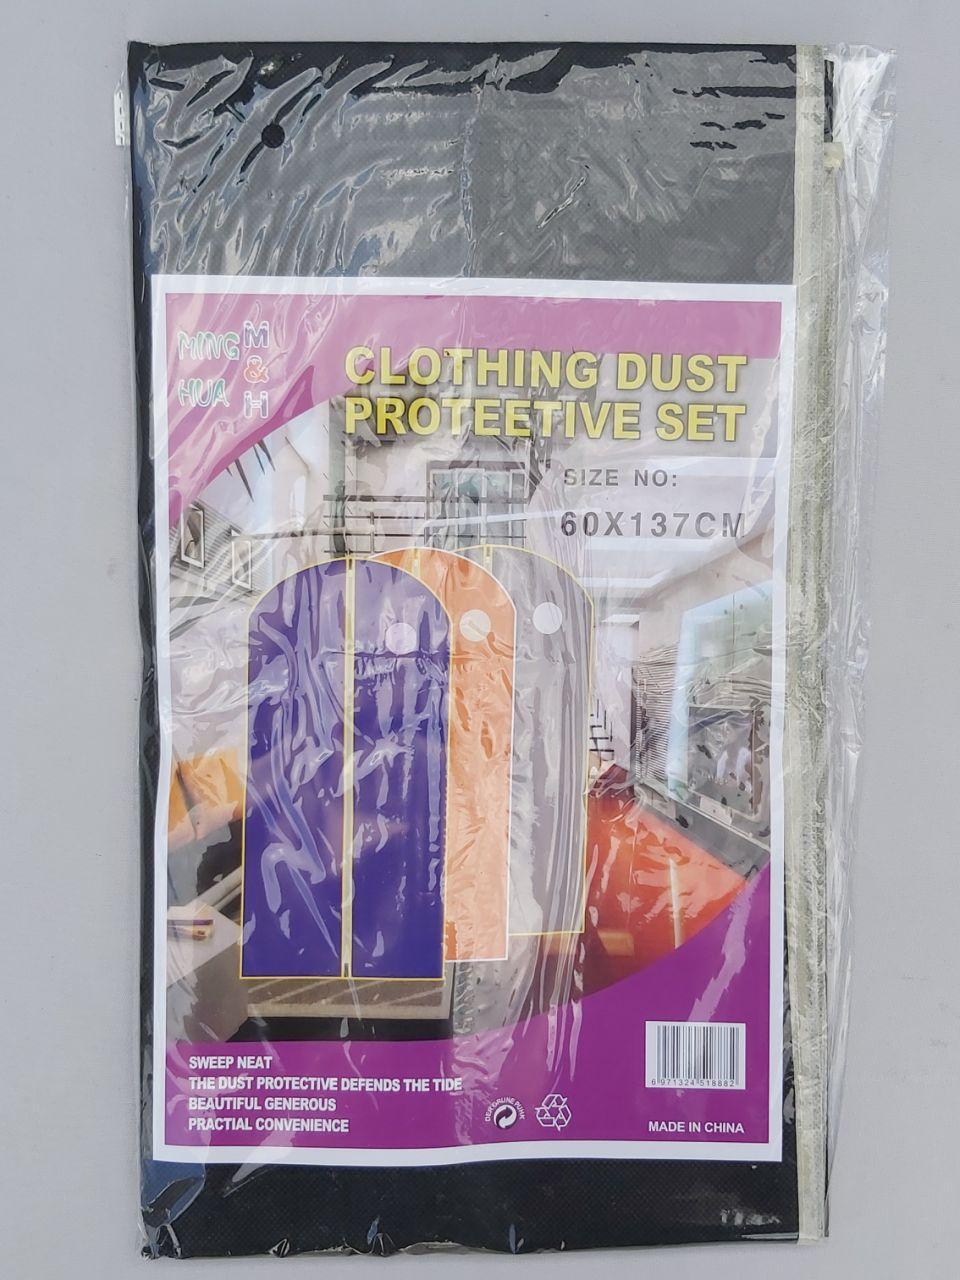 Чехол для хранения одежды флизелиновый на молнии черного цвета, размер 60*137 см